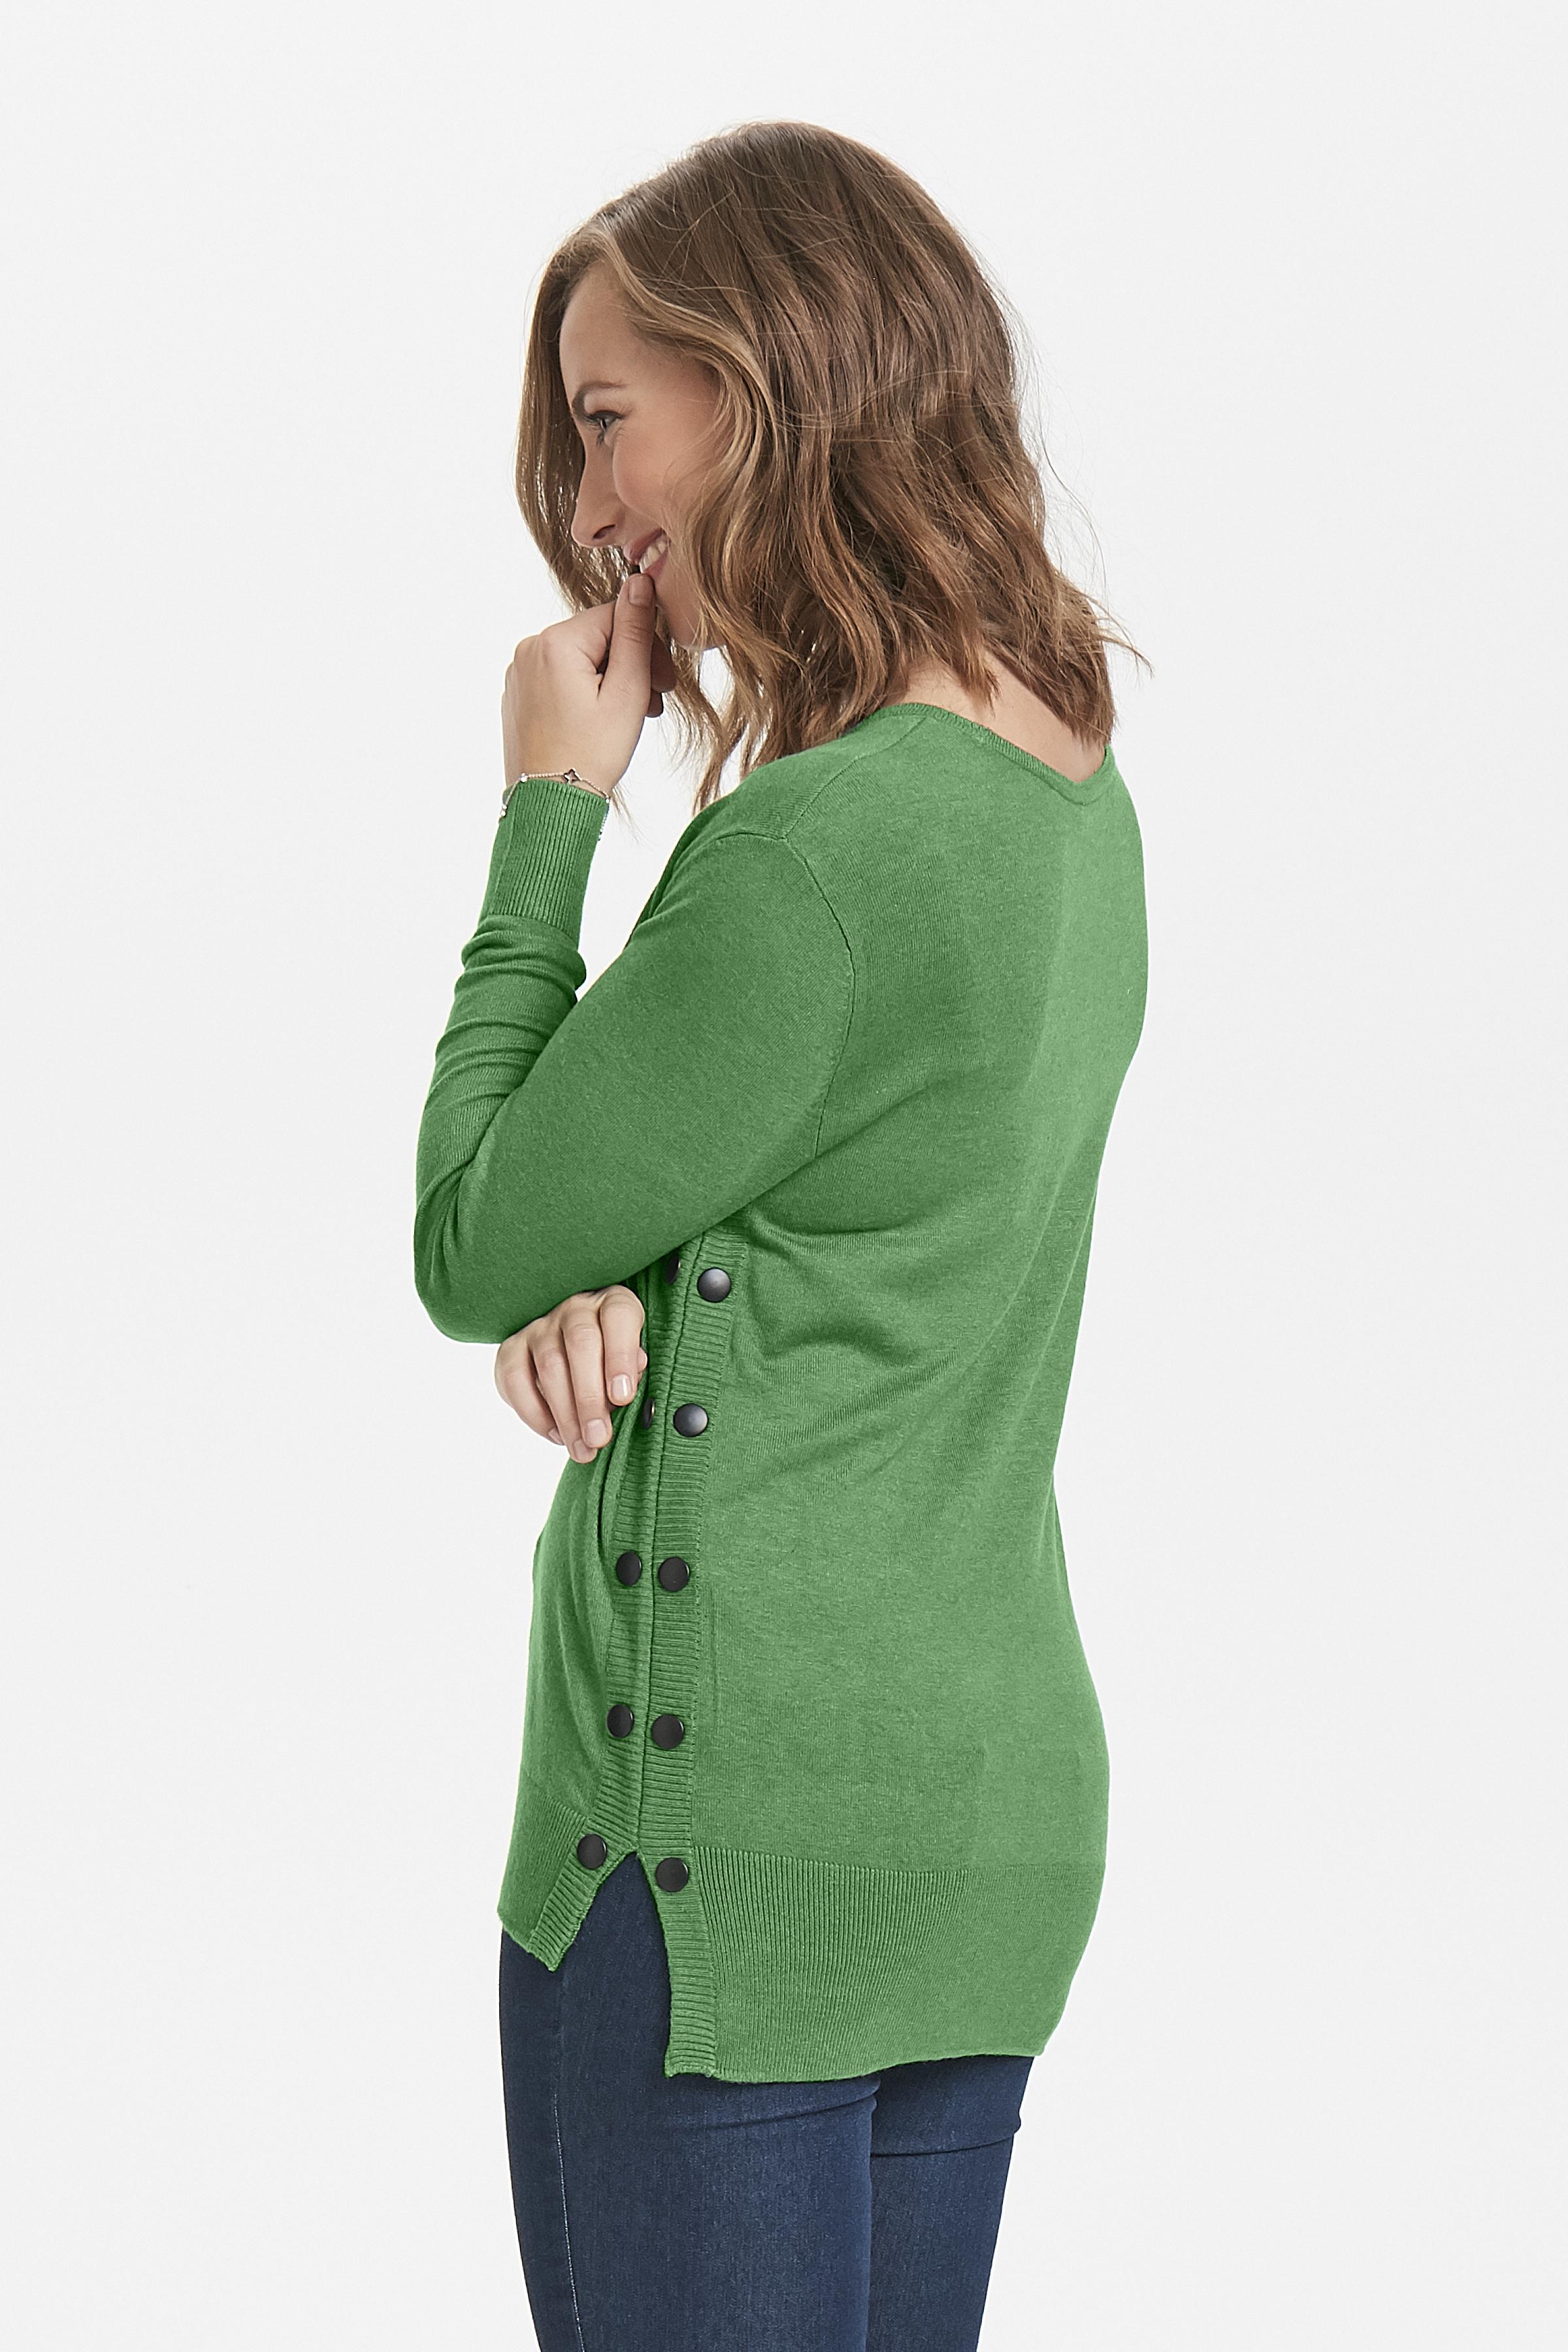 Grönmelerad Stickad pullover från Fransa – Köp Grönmelerad Stickad pullover från stl. XS-XXL här